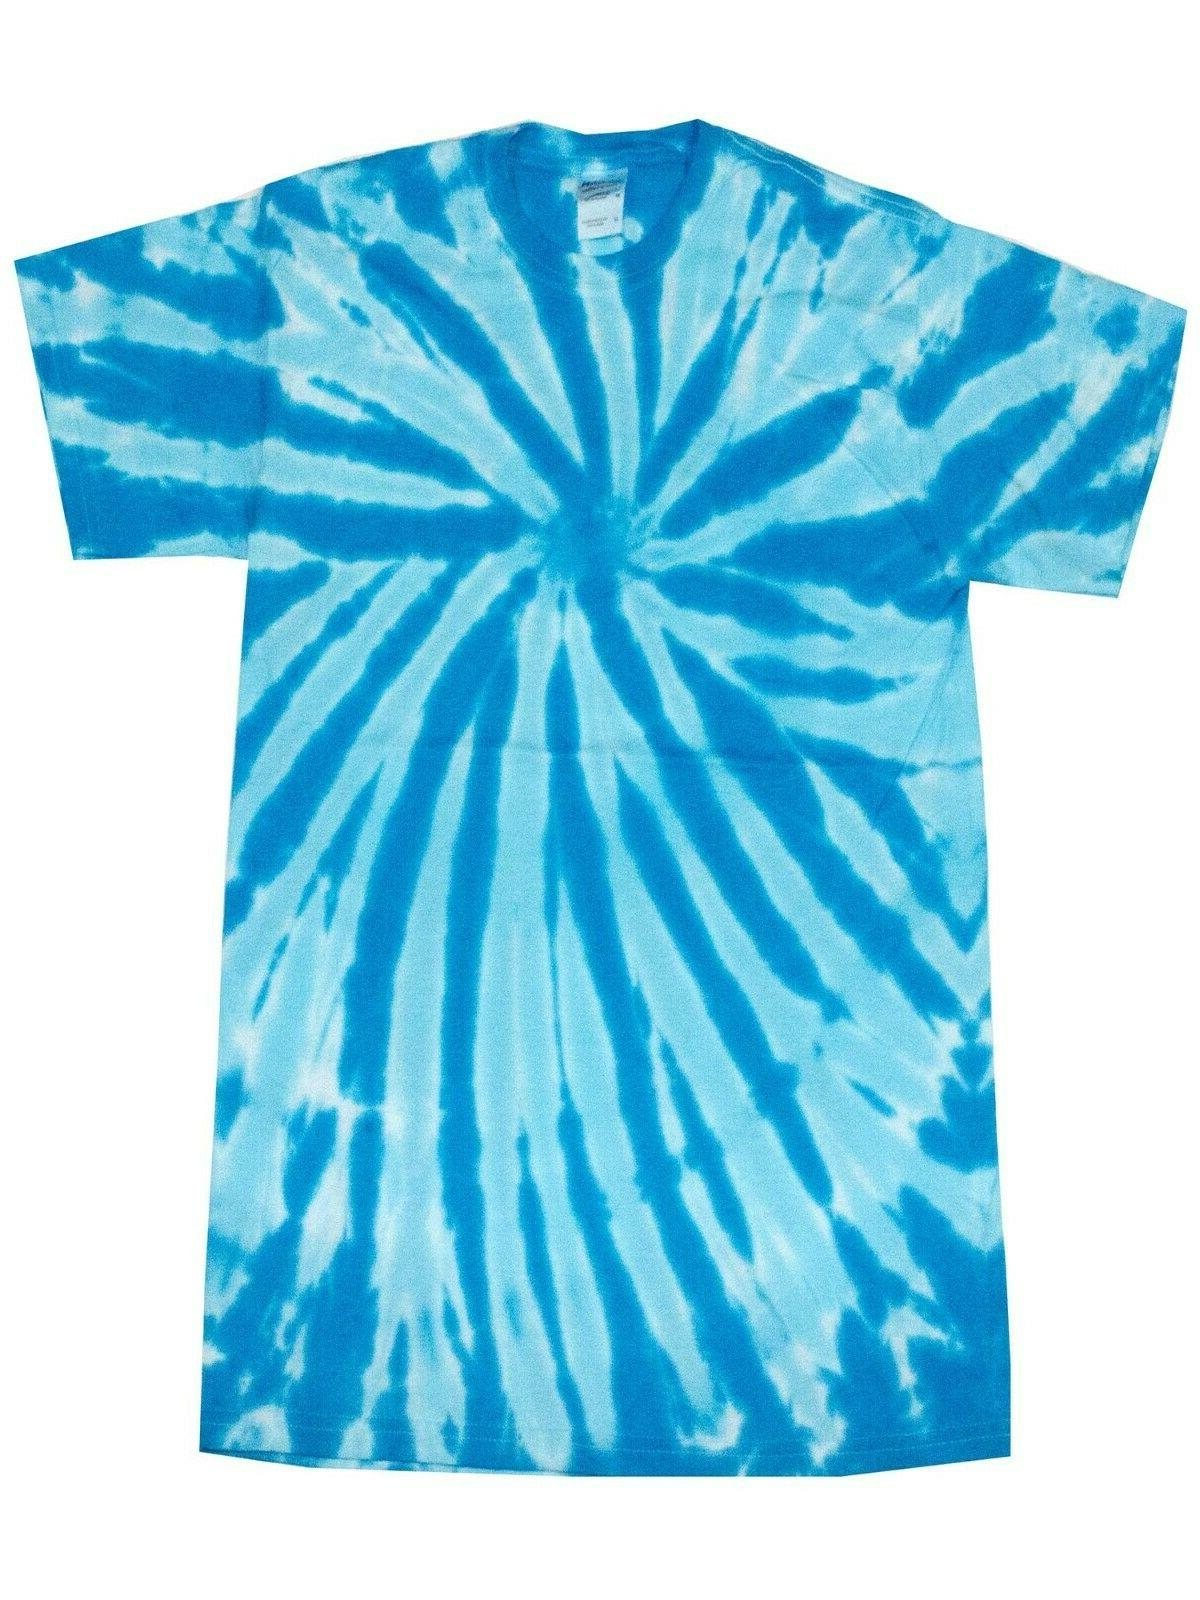 Pick a Blue Tie Dye T-Shirts M L XL 3XL 5XL